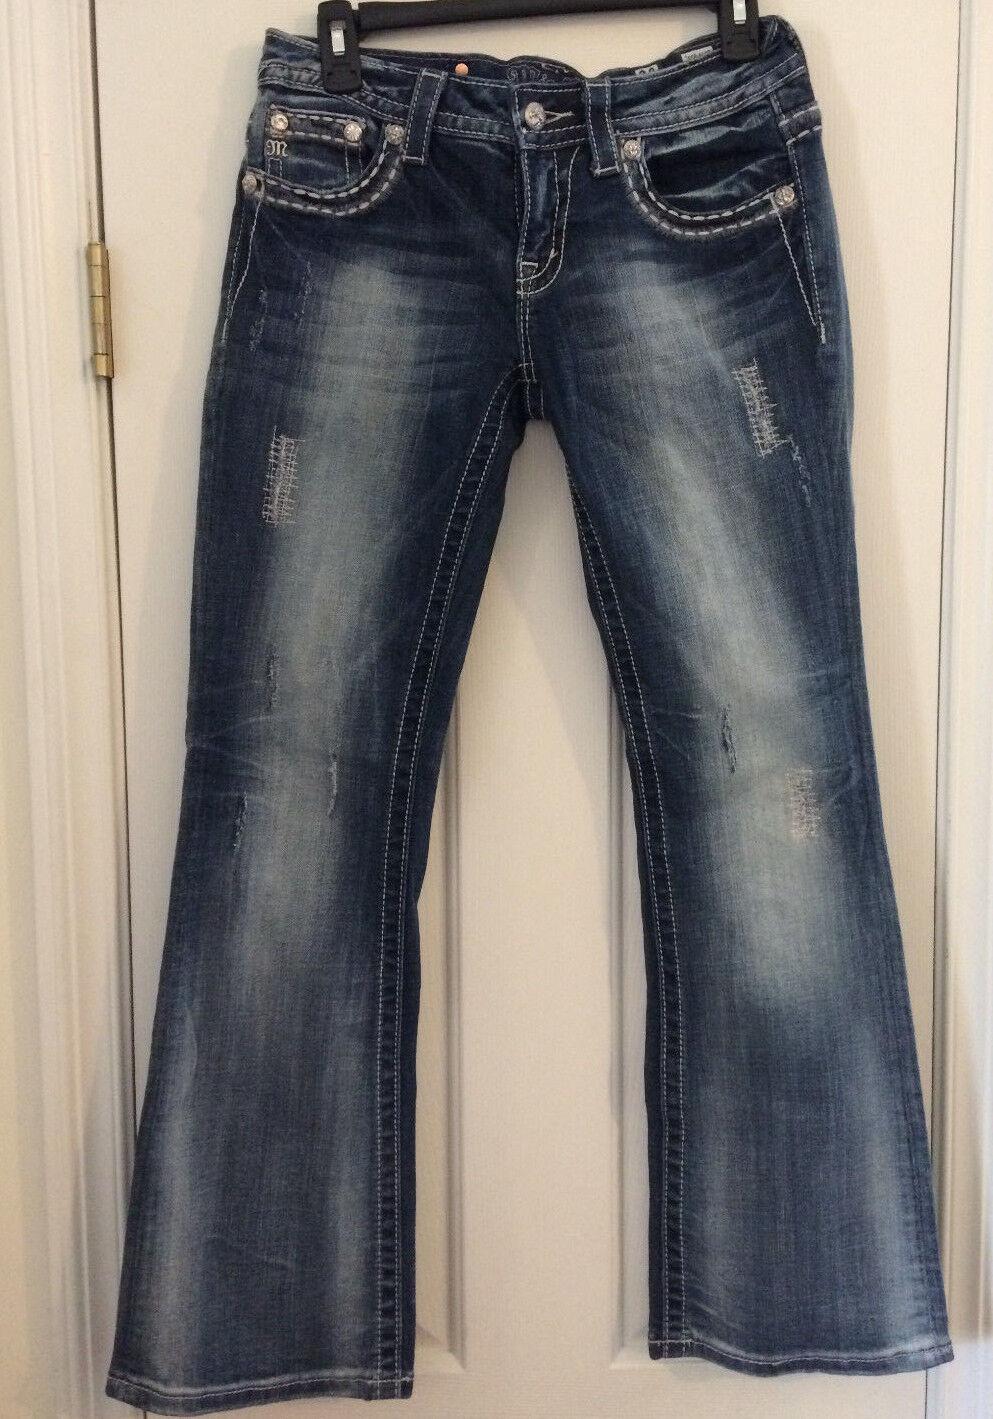 Miss Me Jeans Womens Size 28 X 31 color VTG 17 Style JE5641BR Boot Cut EXCELLENT